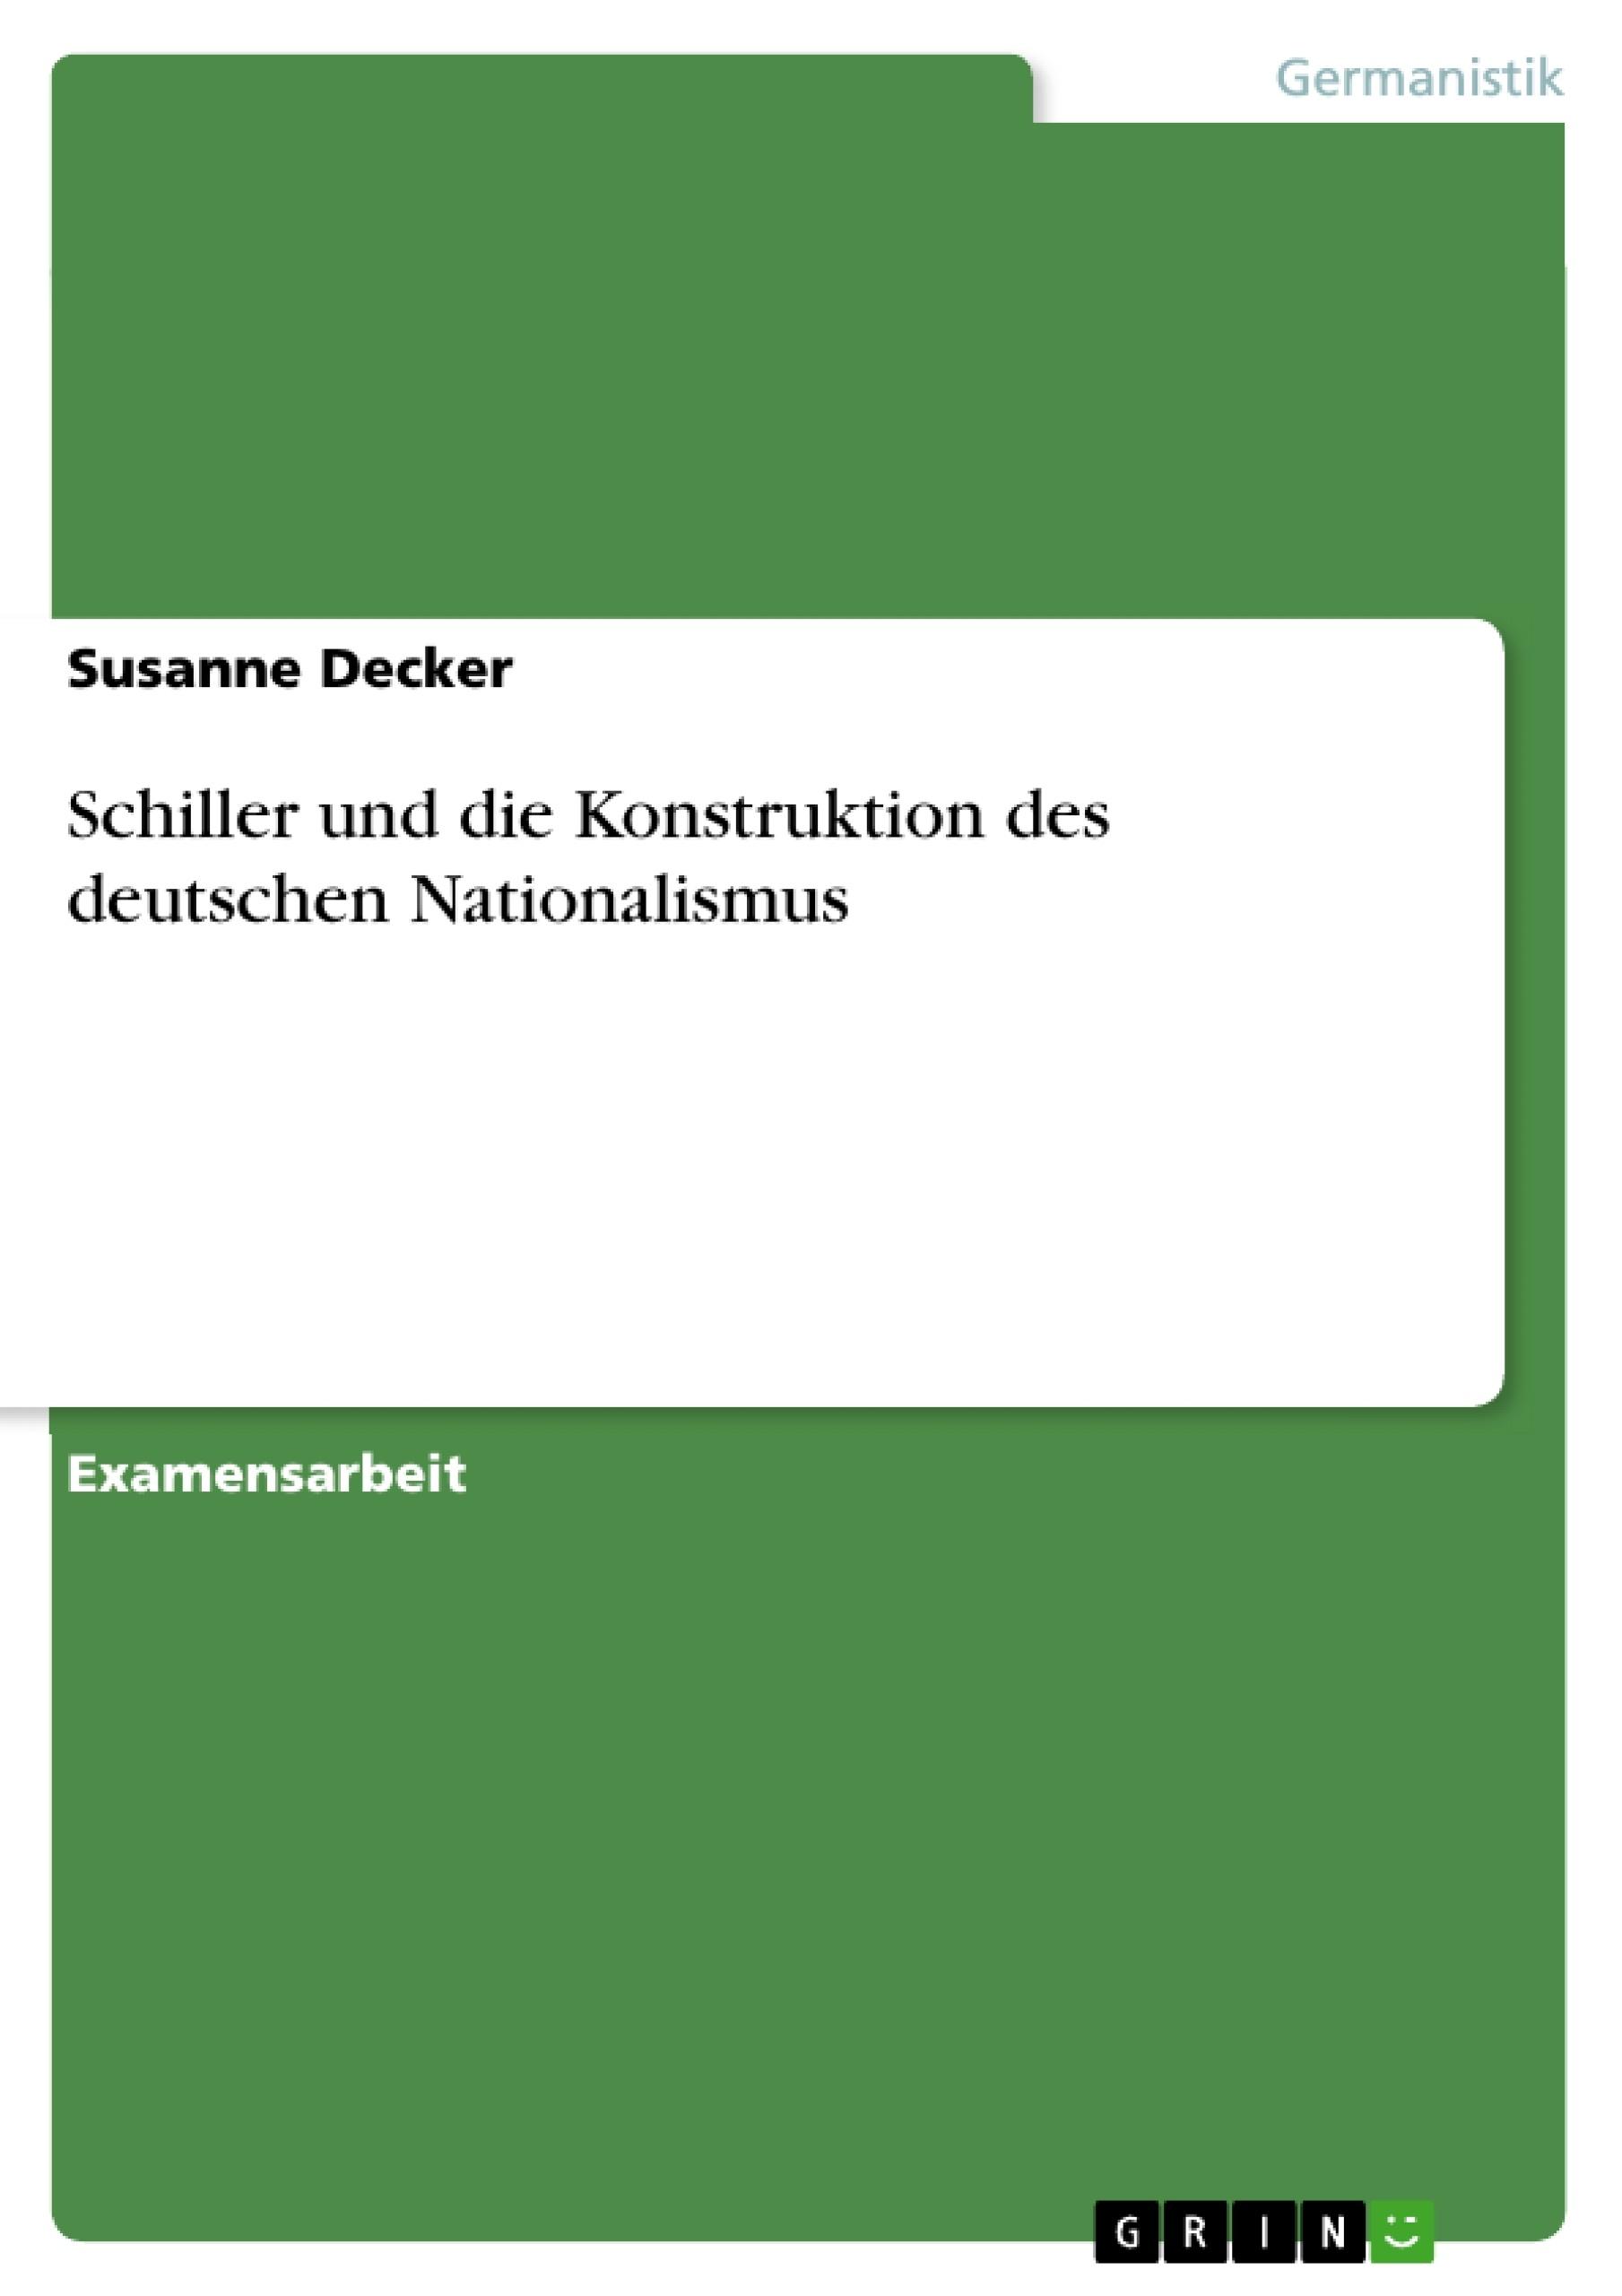 Titel: Schiller und die Konstruktion des deutschen Nationalismus